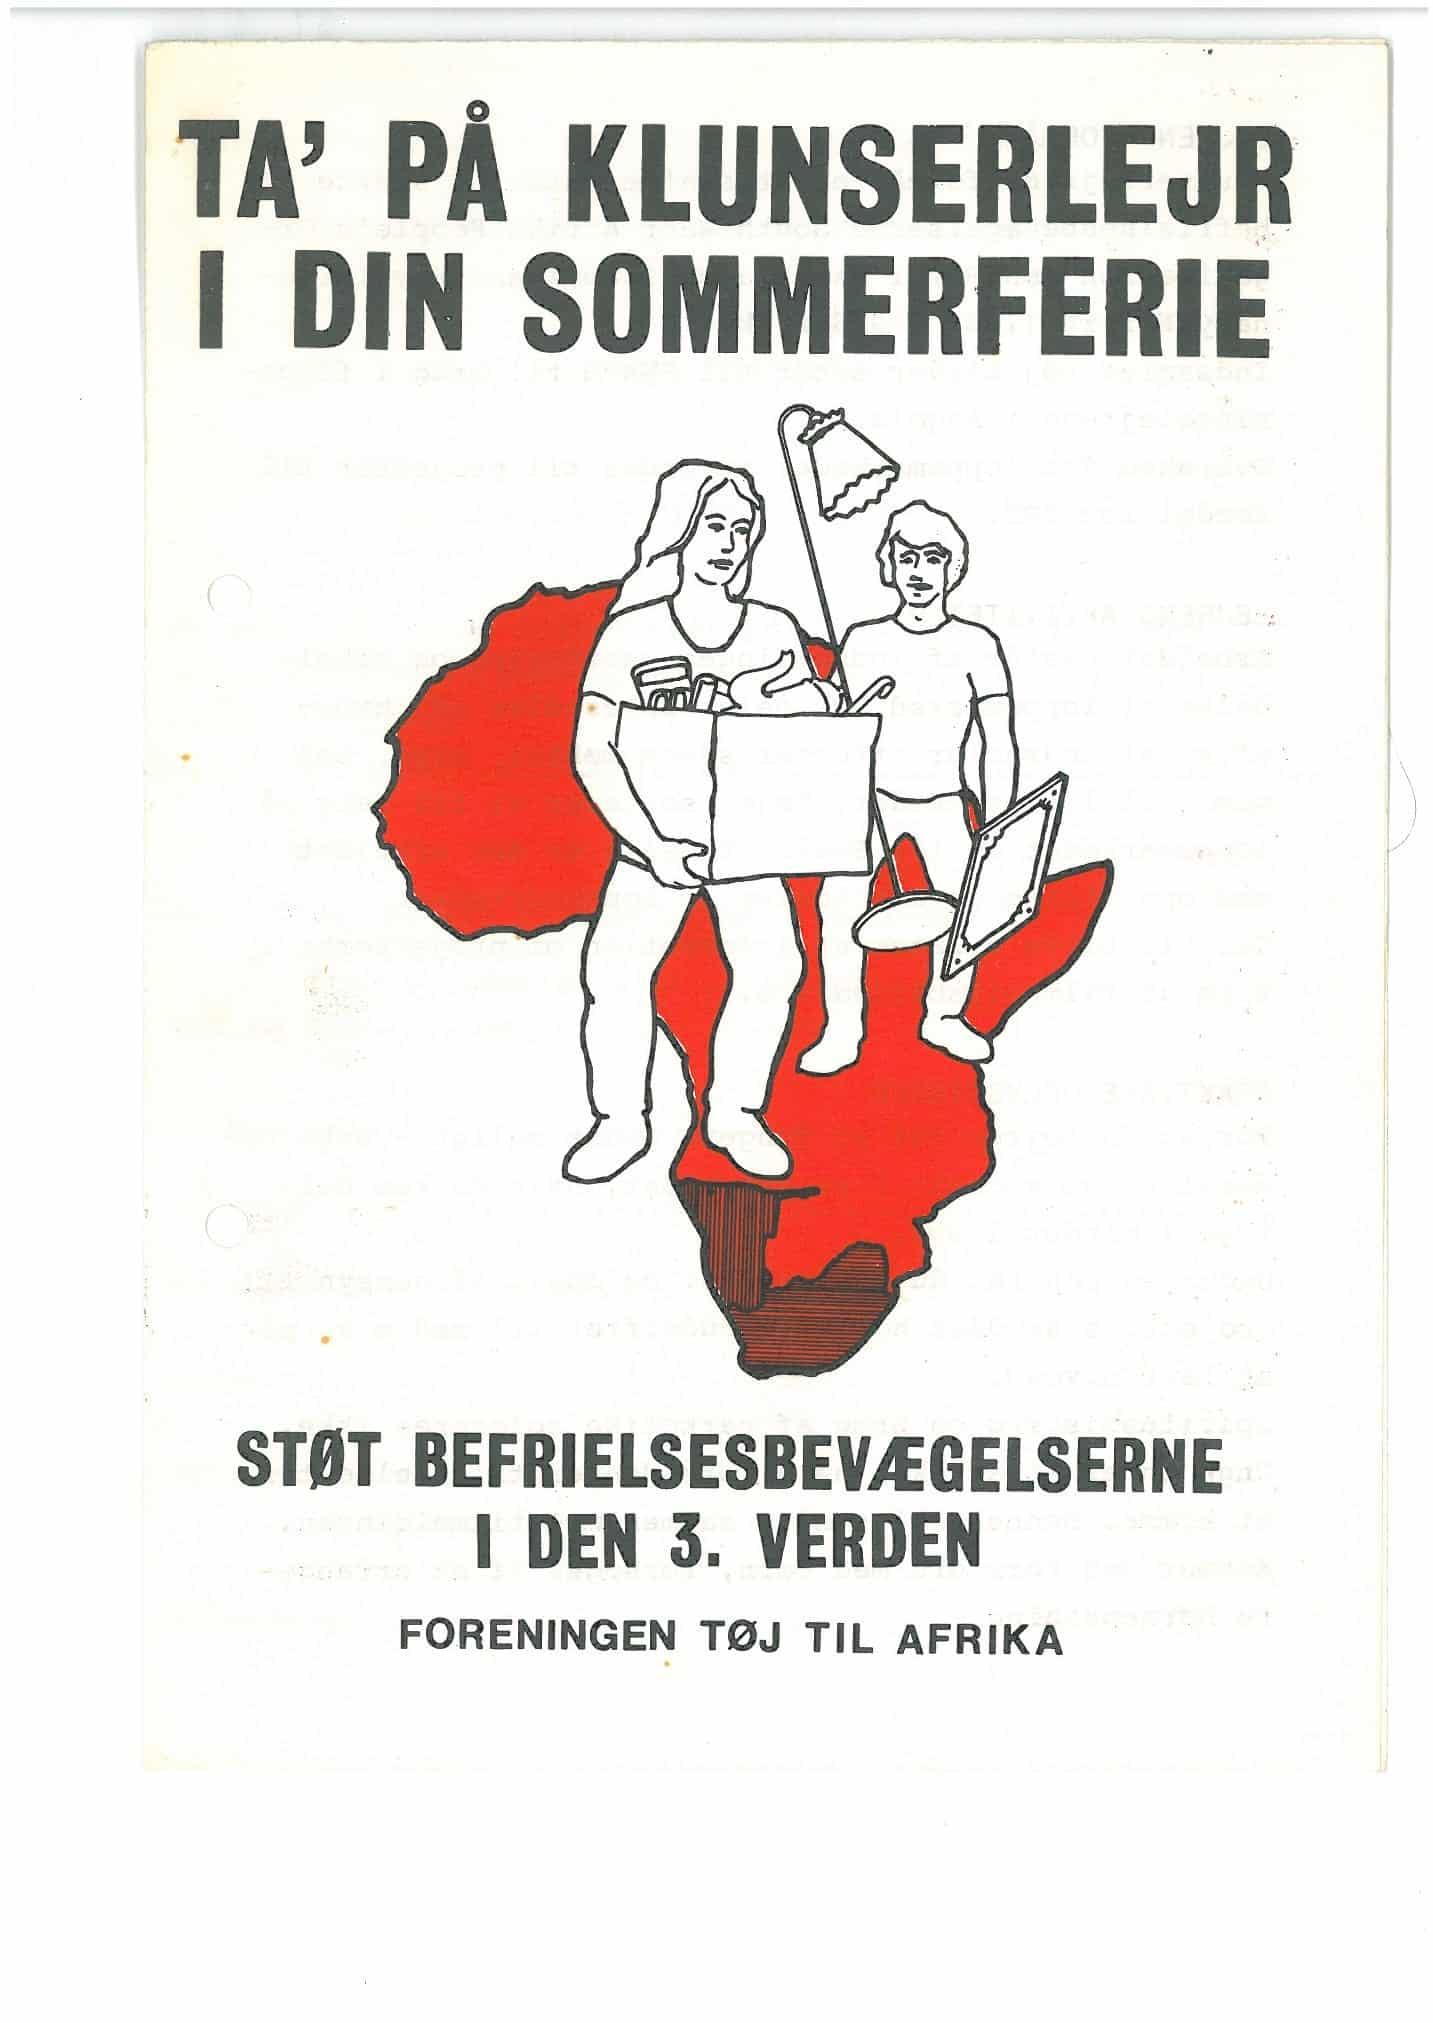 """Tøj til Afrika sommer-lejr. Tekst: I din sommerferie - Støt Befrielsesbevægelserne. Text in English: """"In your Summer-holiday. Support the liberation movements"""